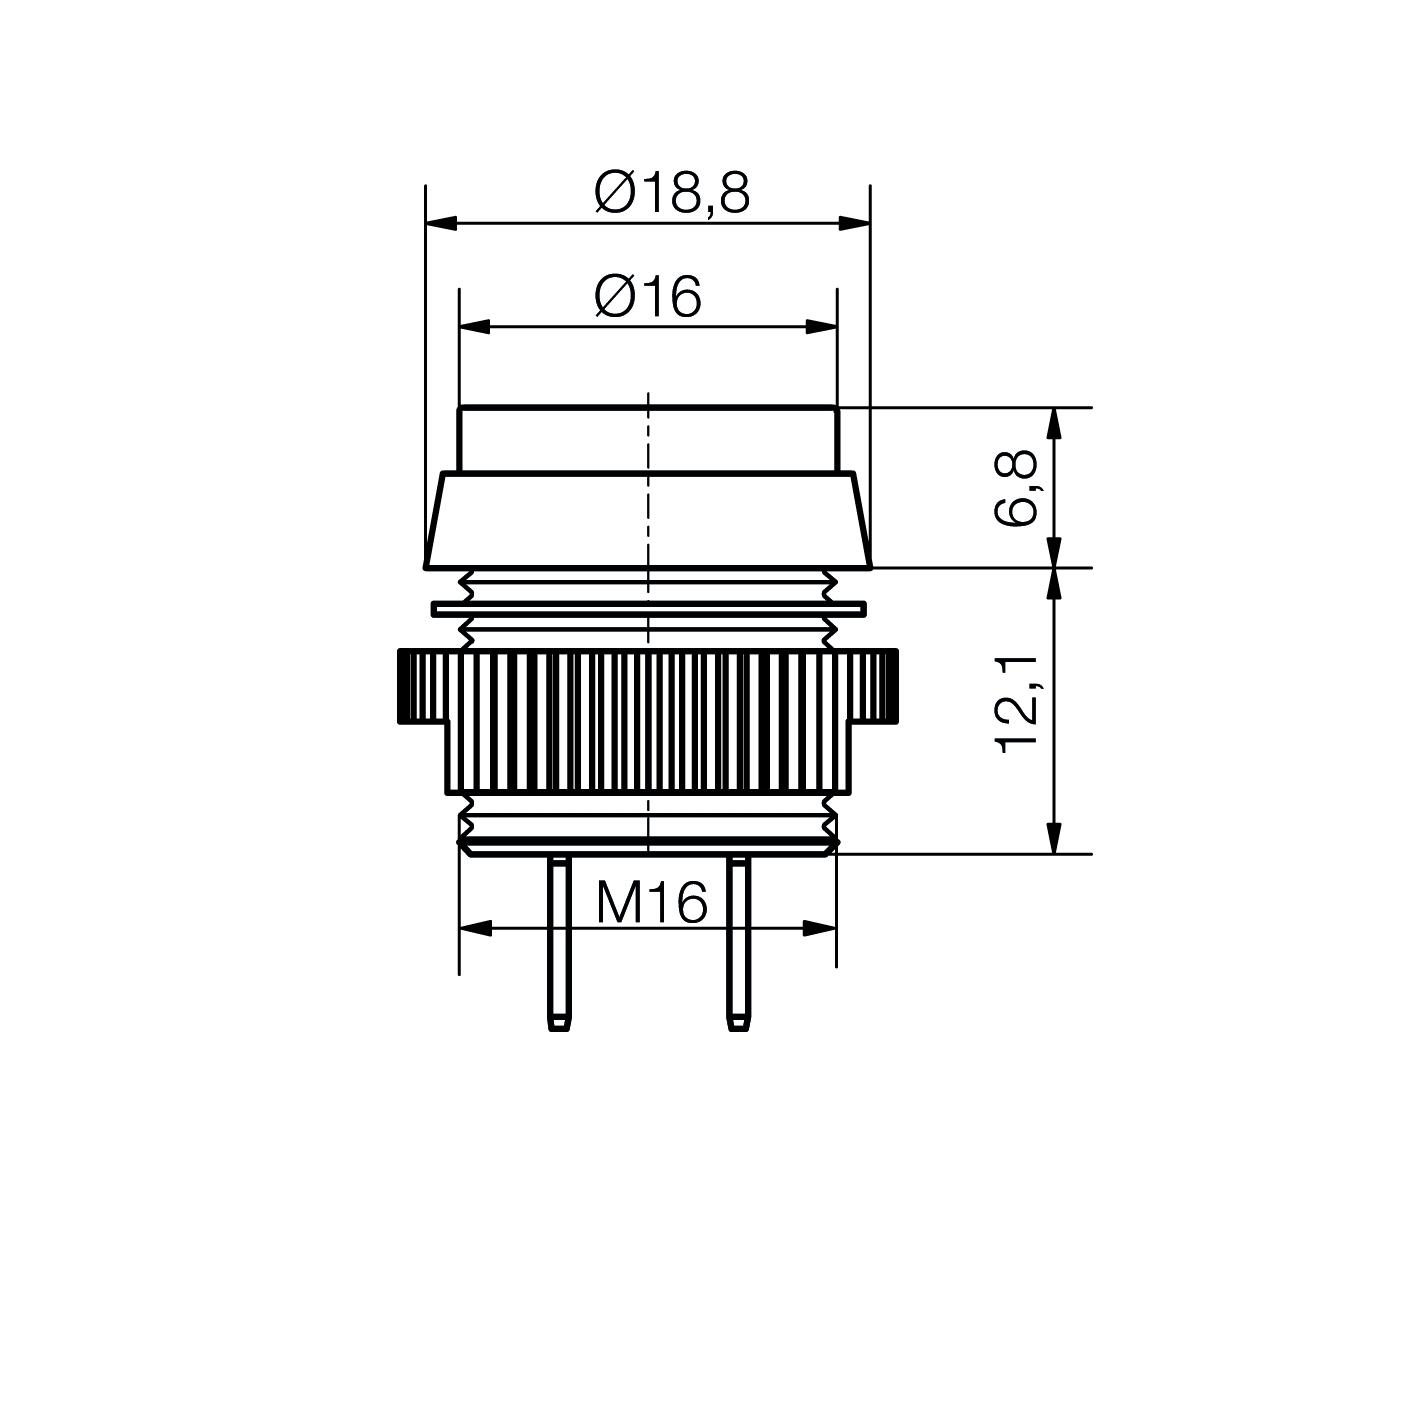 LED-Signalleuchte Ø16mm IP67 chrom, mit Blendenkopf Flachstecker 2,8x0,5mm - plan